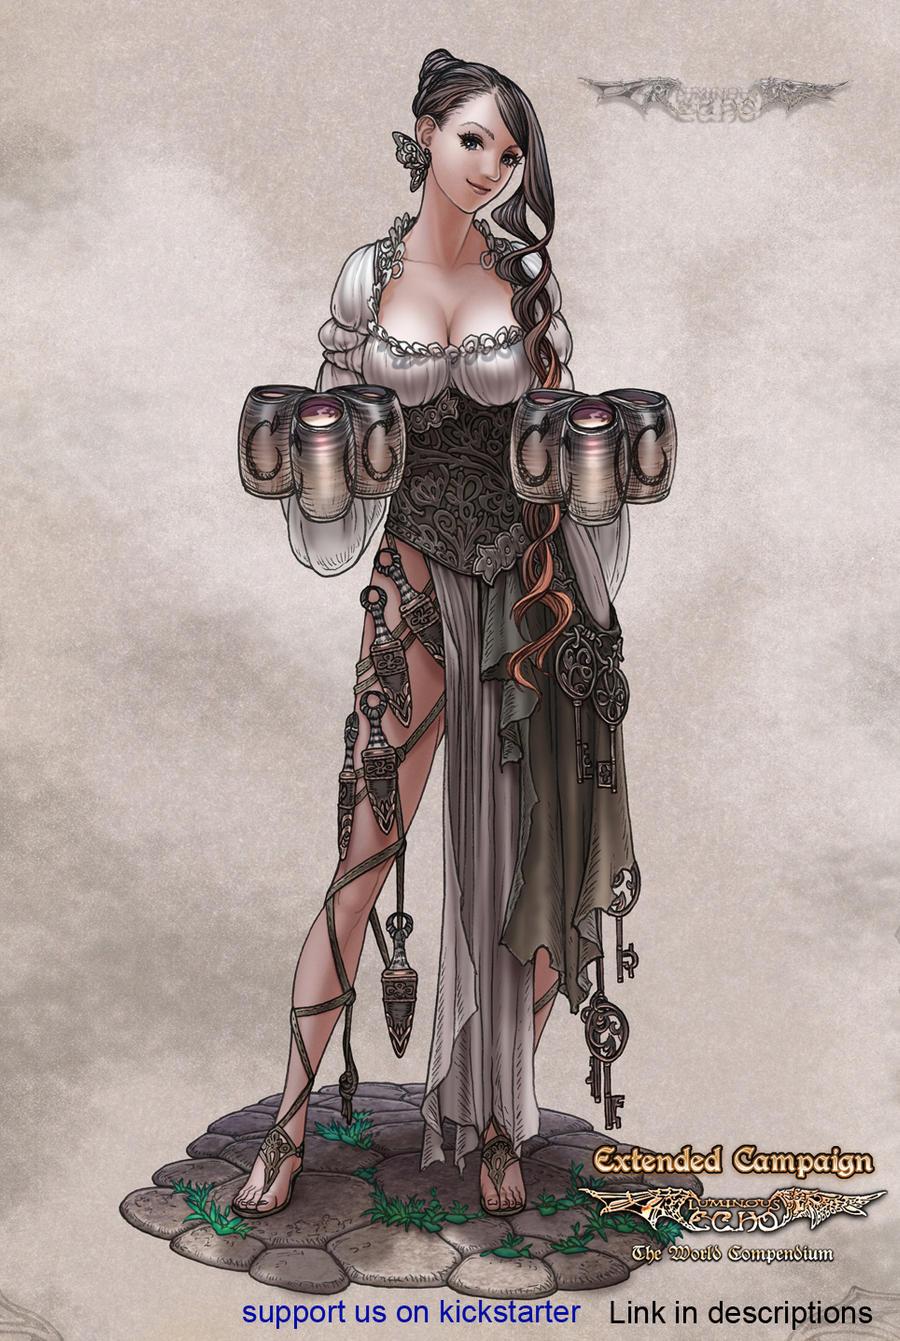 Porno sexy medieval wench fantasy art pics